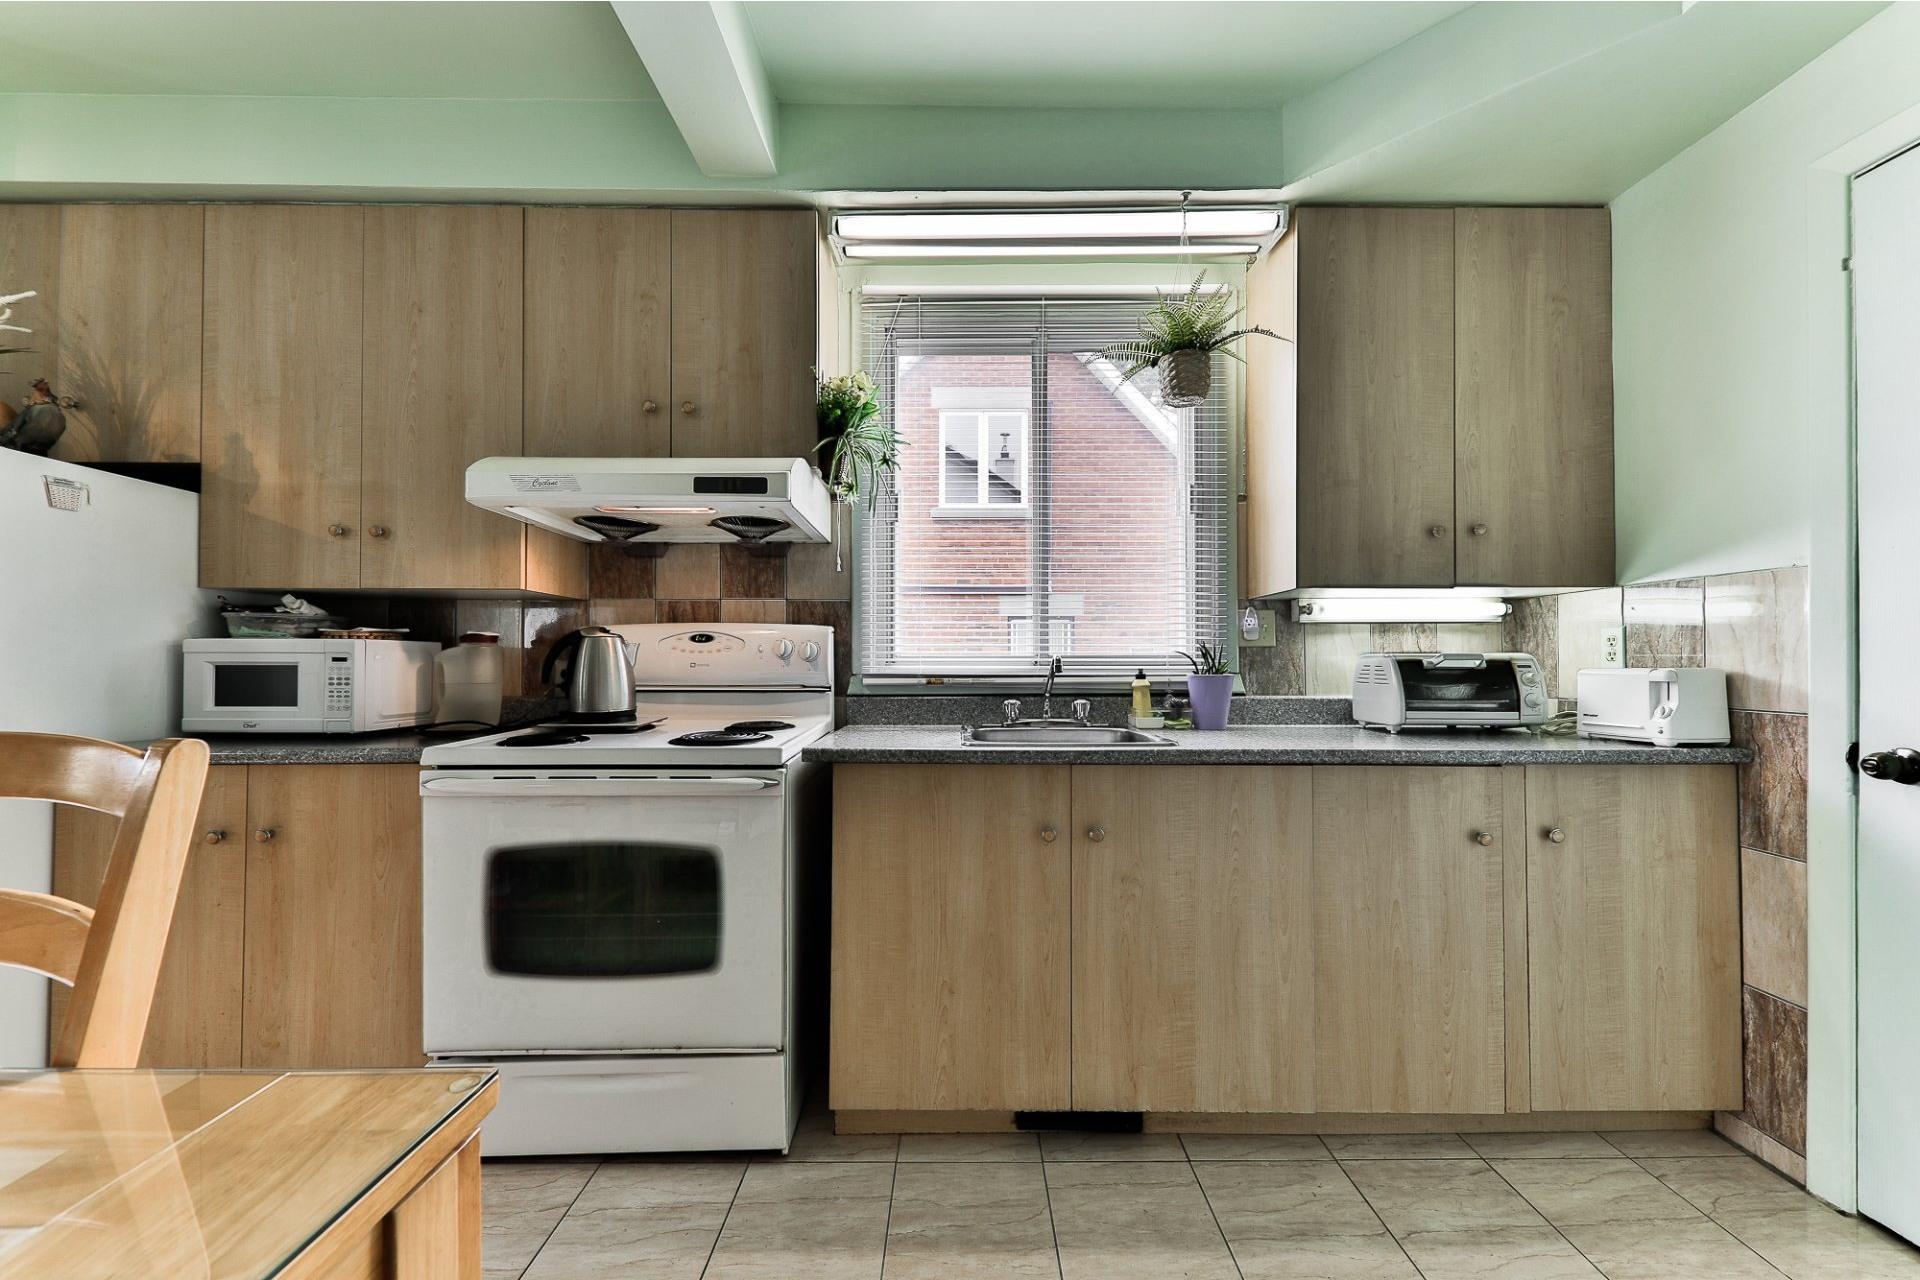 image 2 - House For sale Ahuntsic-Cartierville Montréal  - 8 rooms